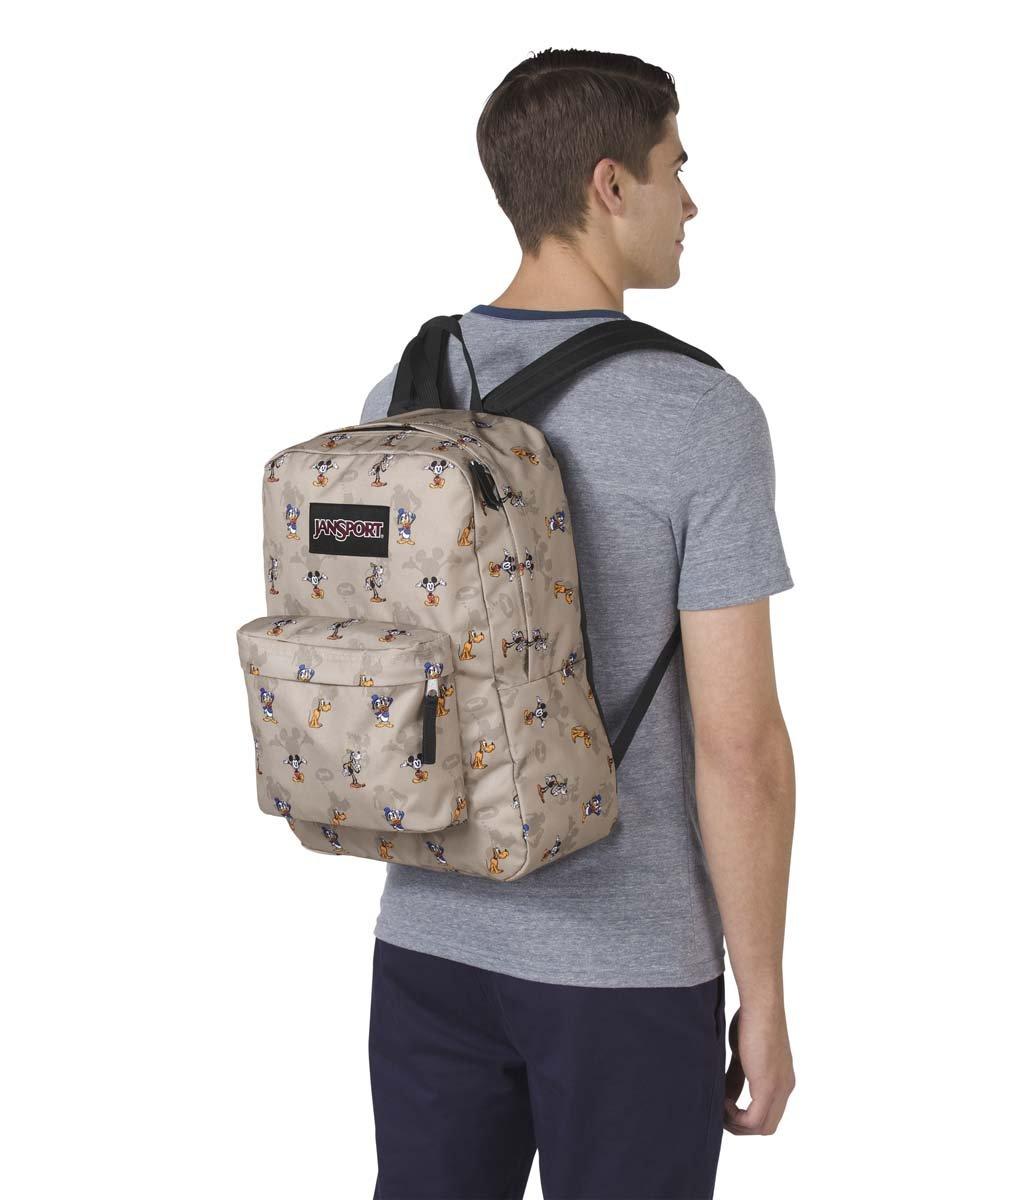 JanSport Disney Superbreak Backpack (Fab Shadow) by JanSport (Image #4)